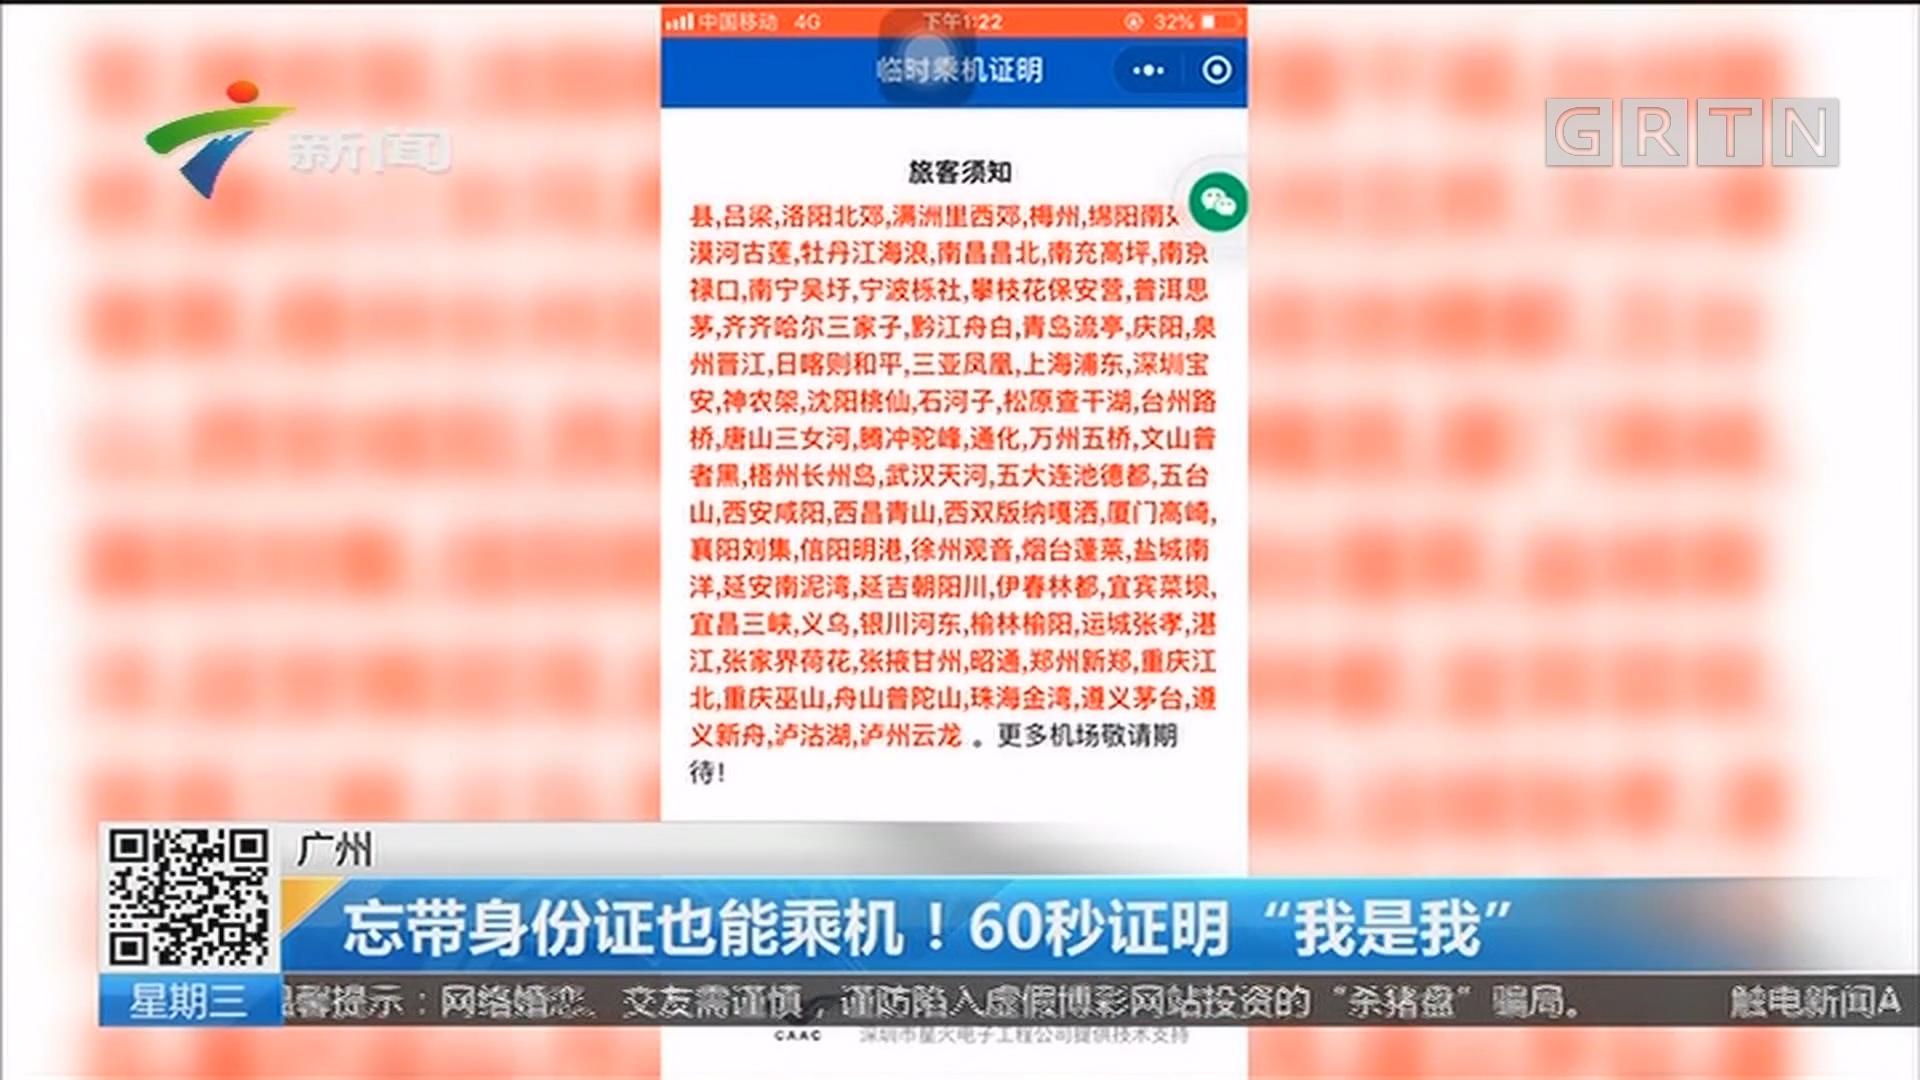 """广州 忘带身份证也能乘机!60秒证明""""我是我"""""""